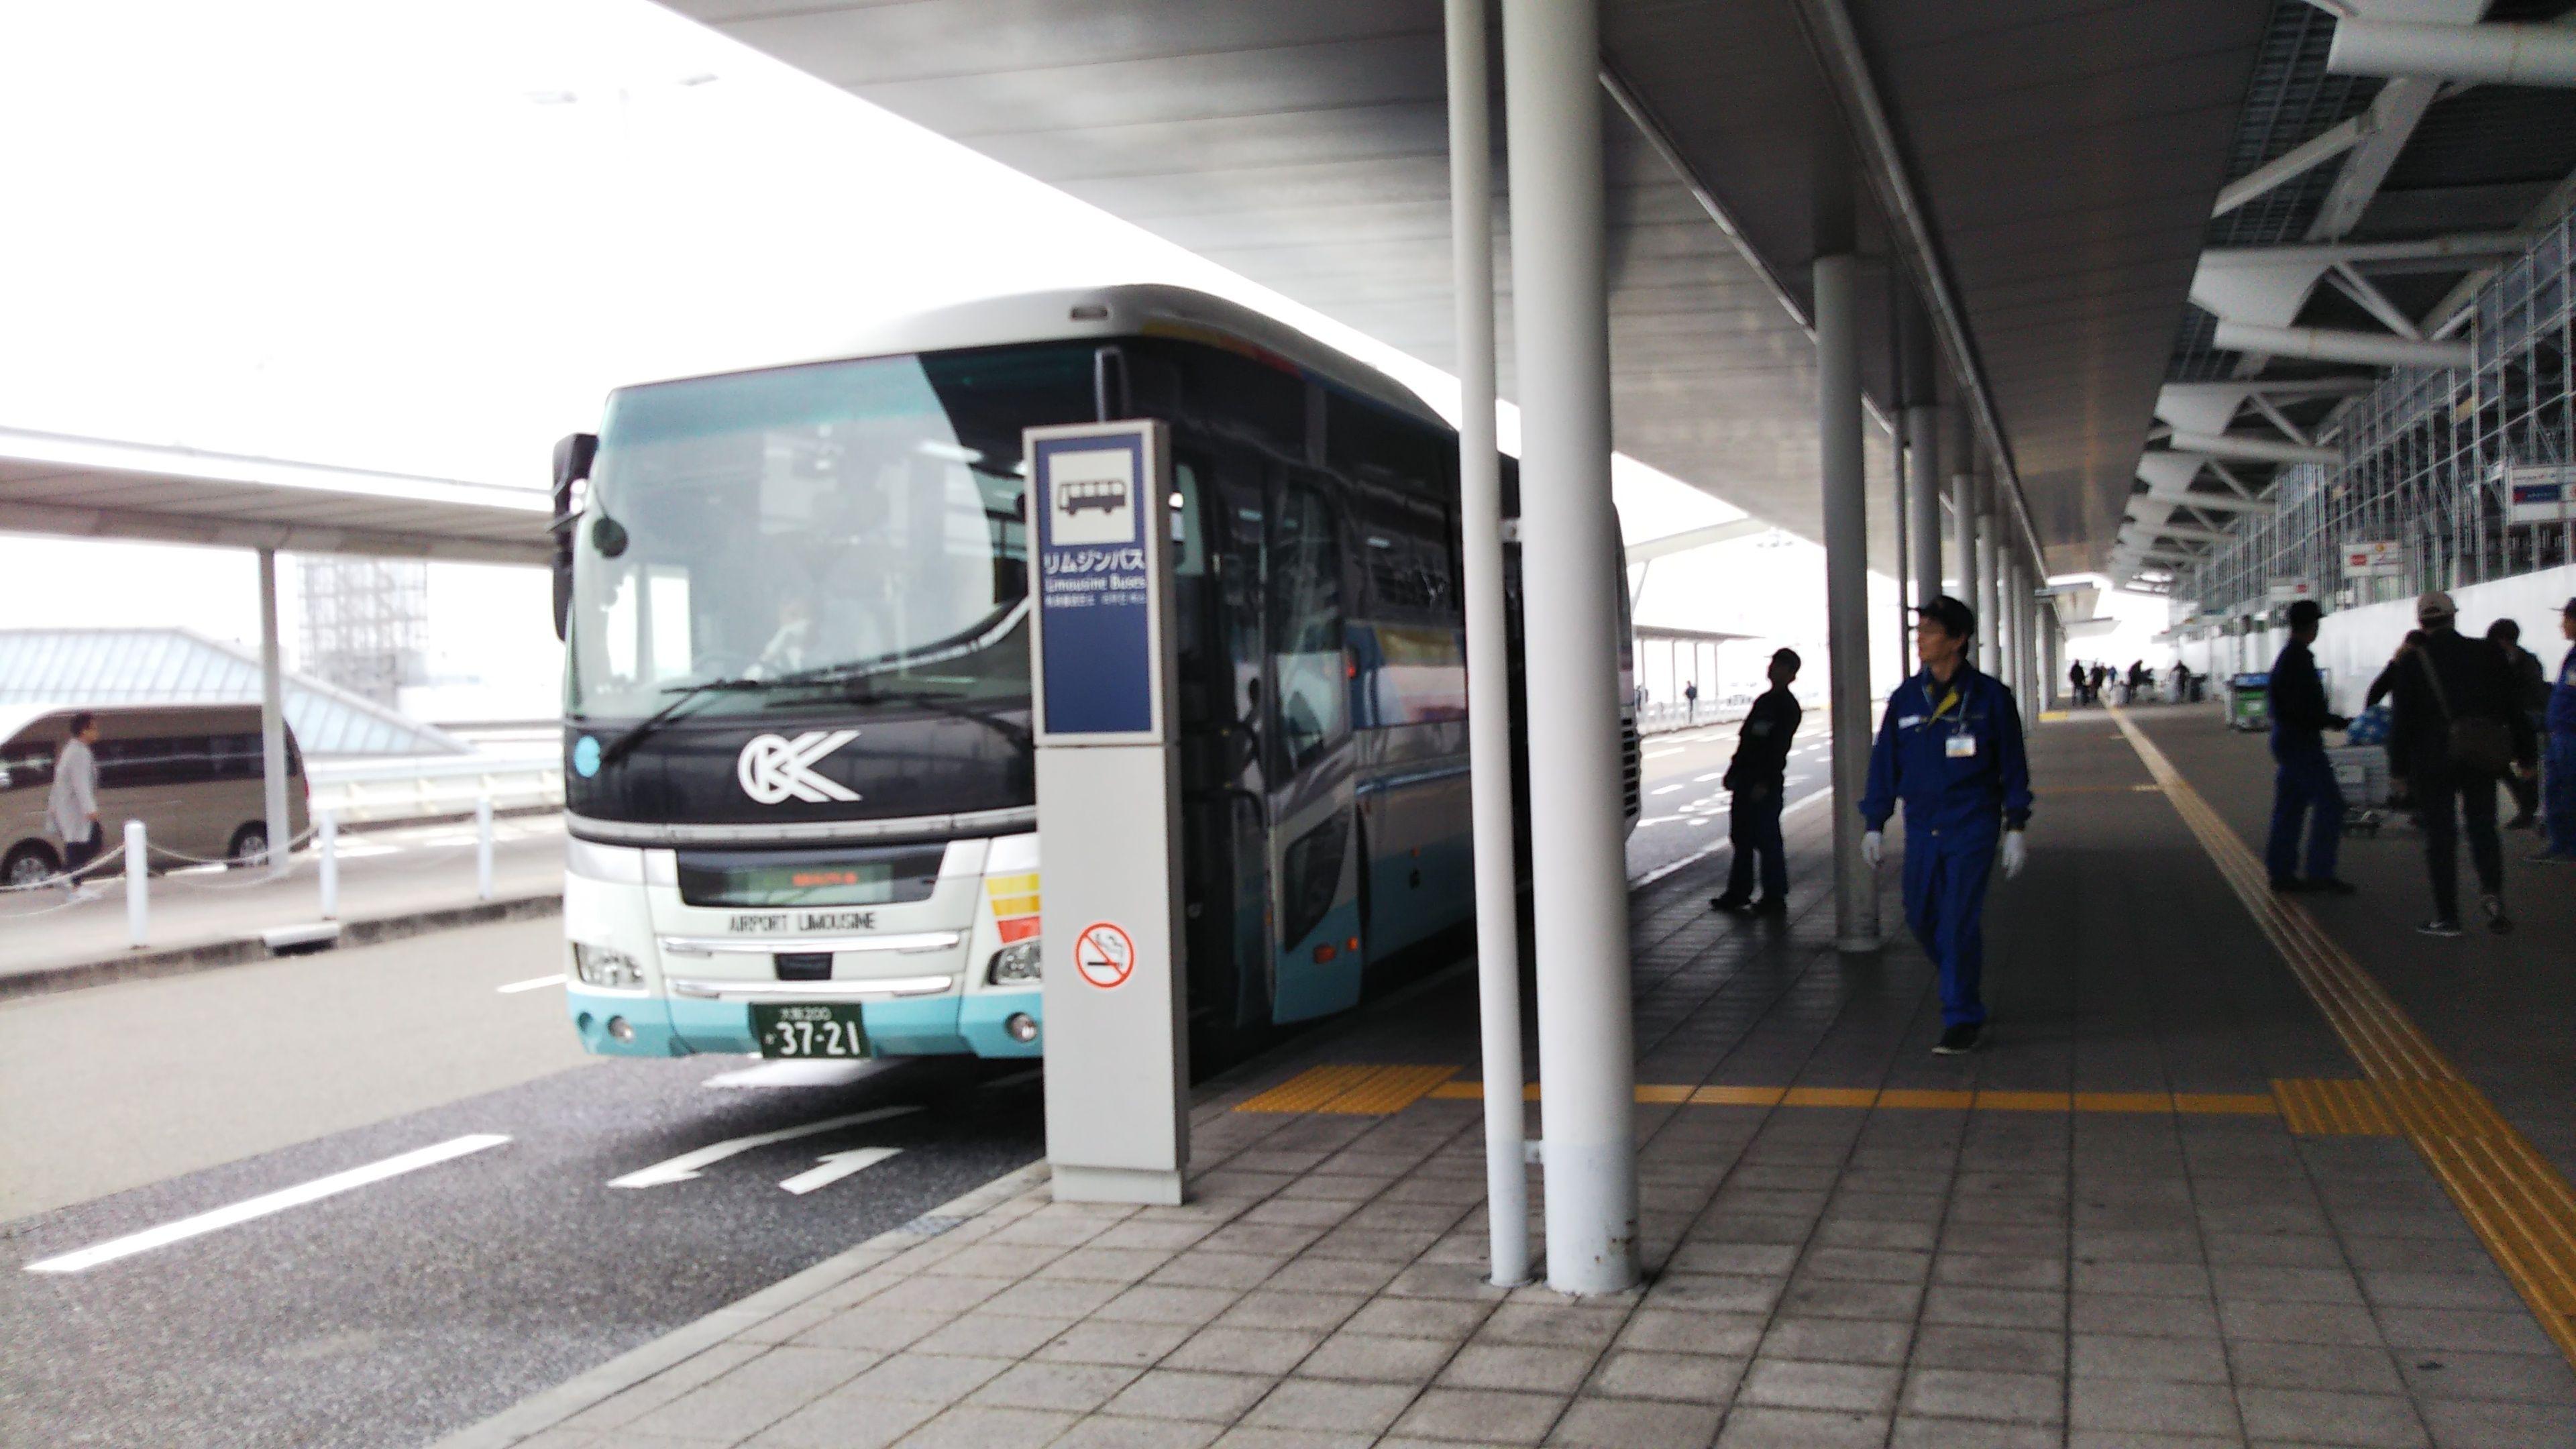 空港 バス 伊丹 リムジン